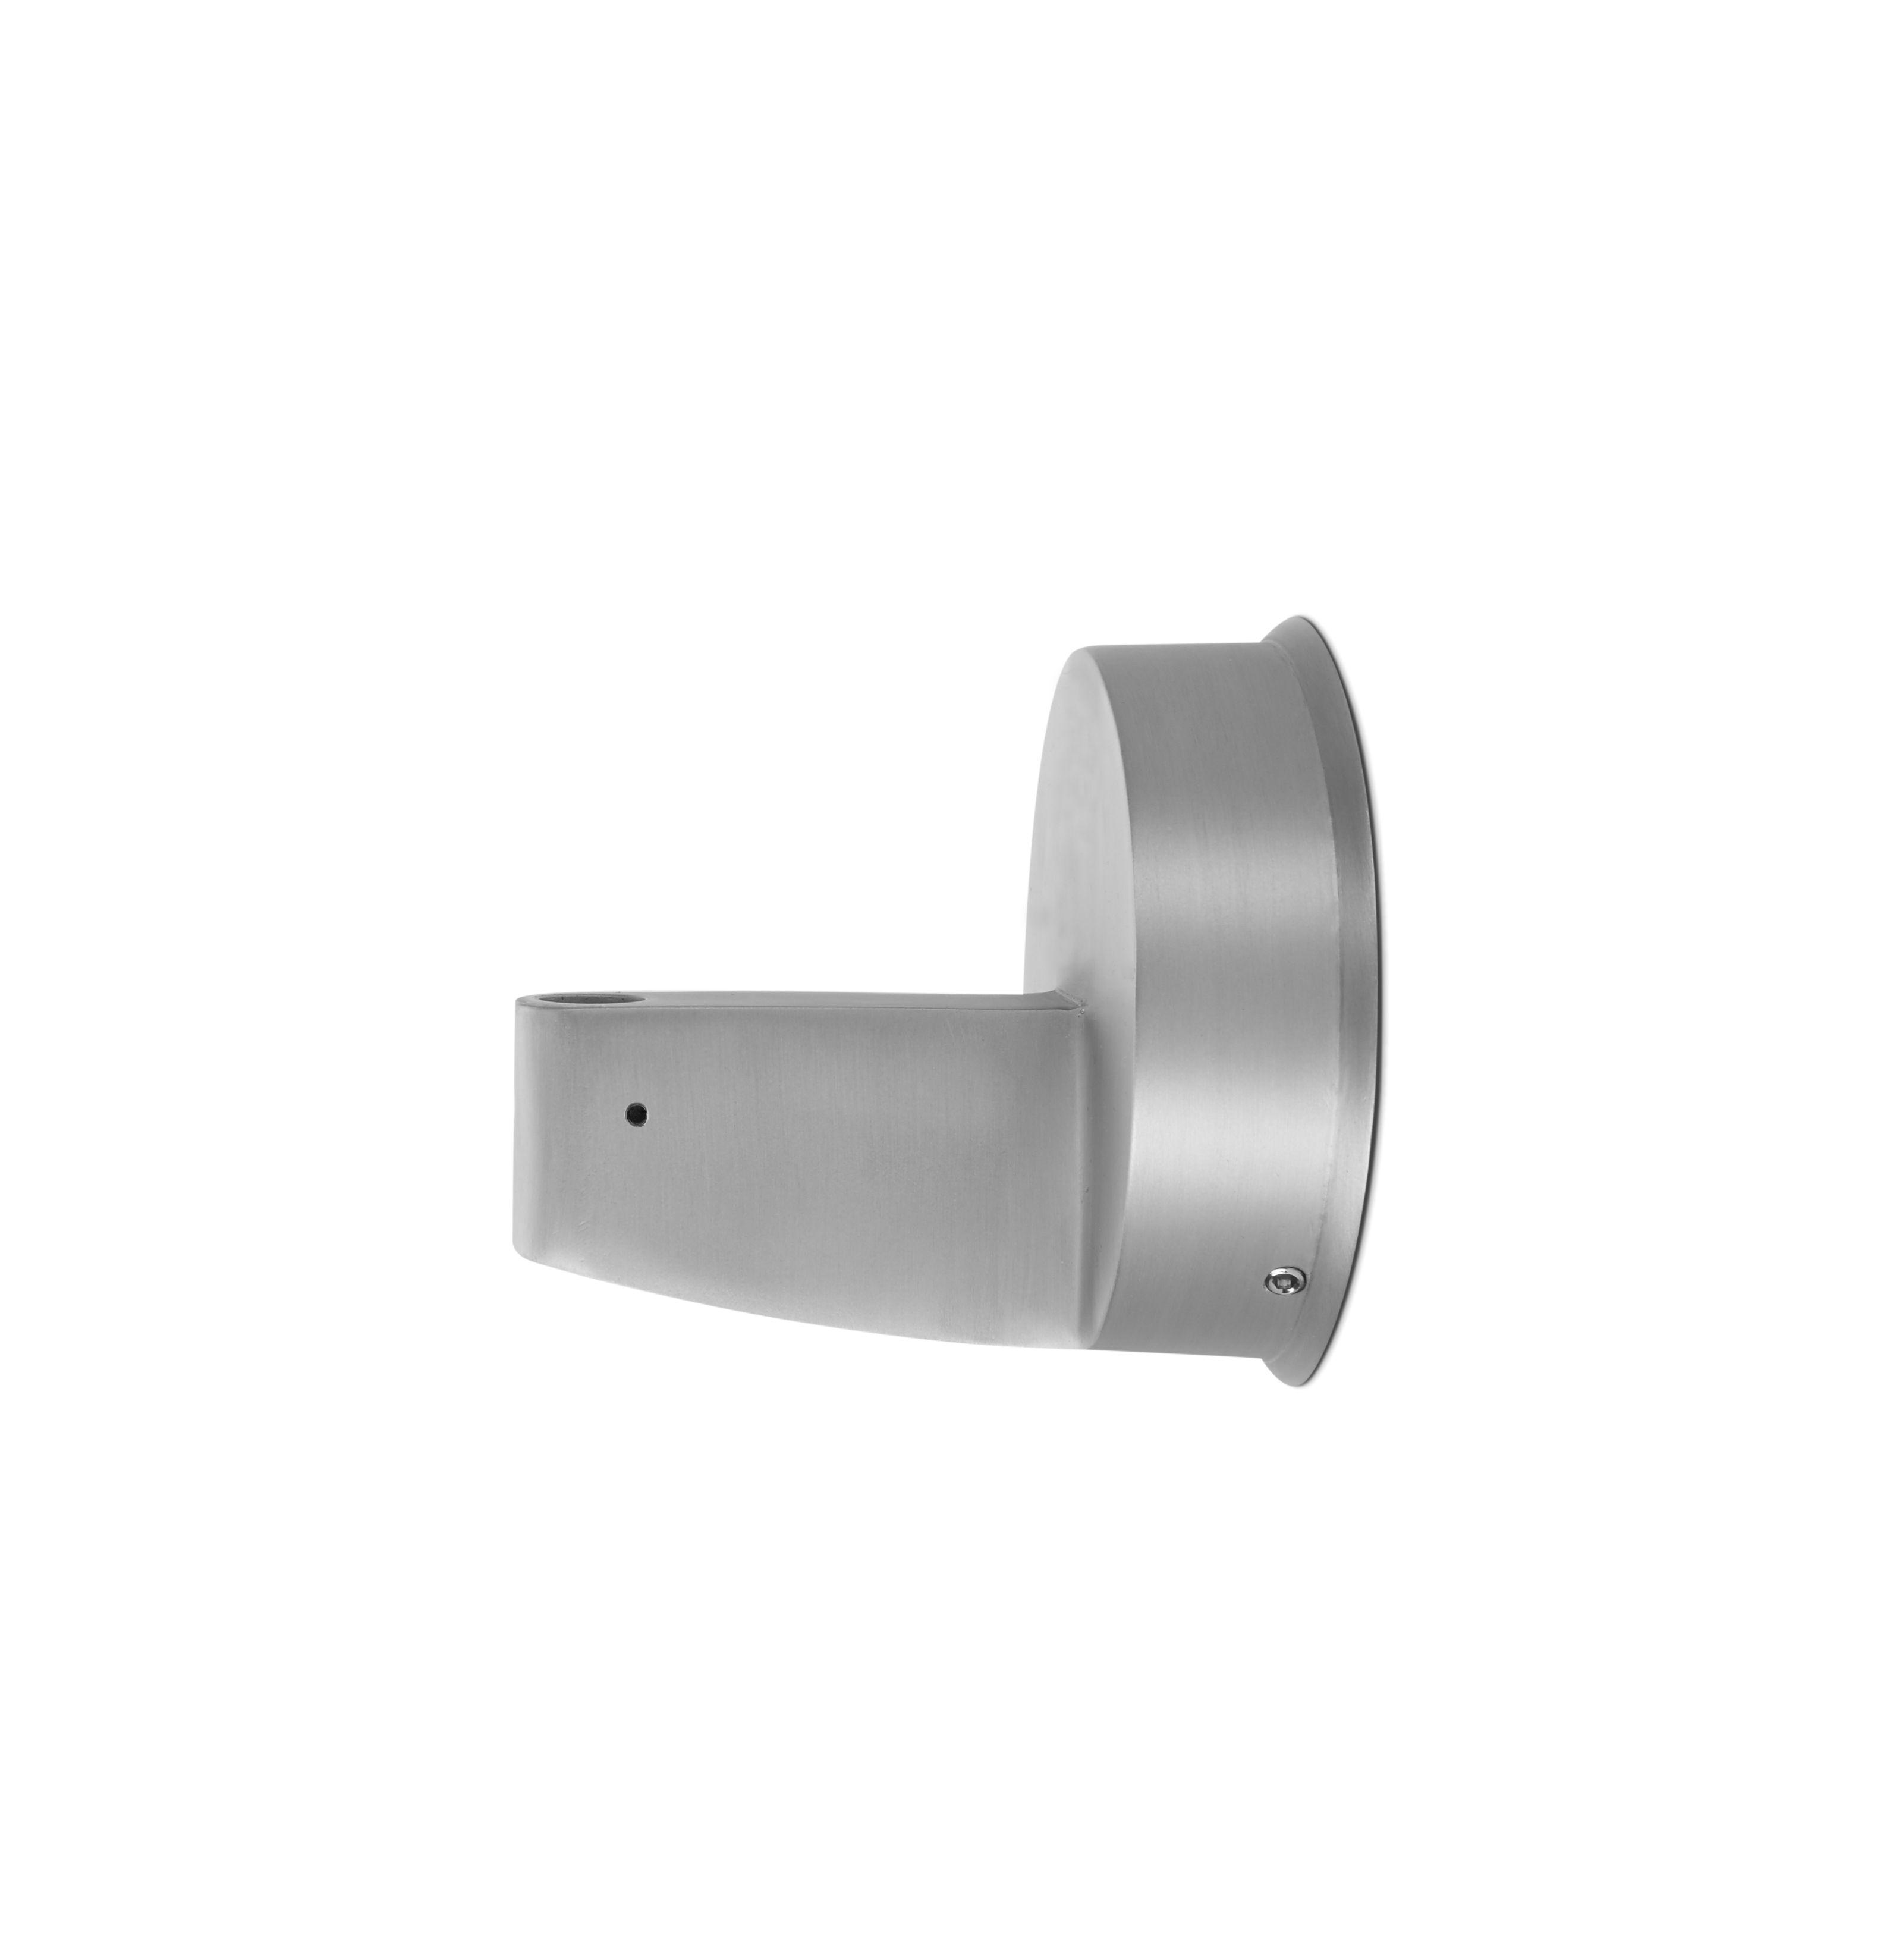 Leuchten - Wandleuchten - Wandhalter für Anglepoise-Leuchten - Anglepoise - Verchromt - Aluminium